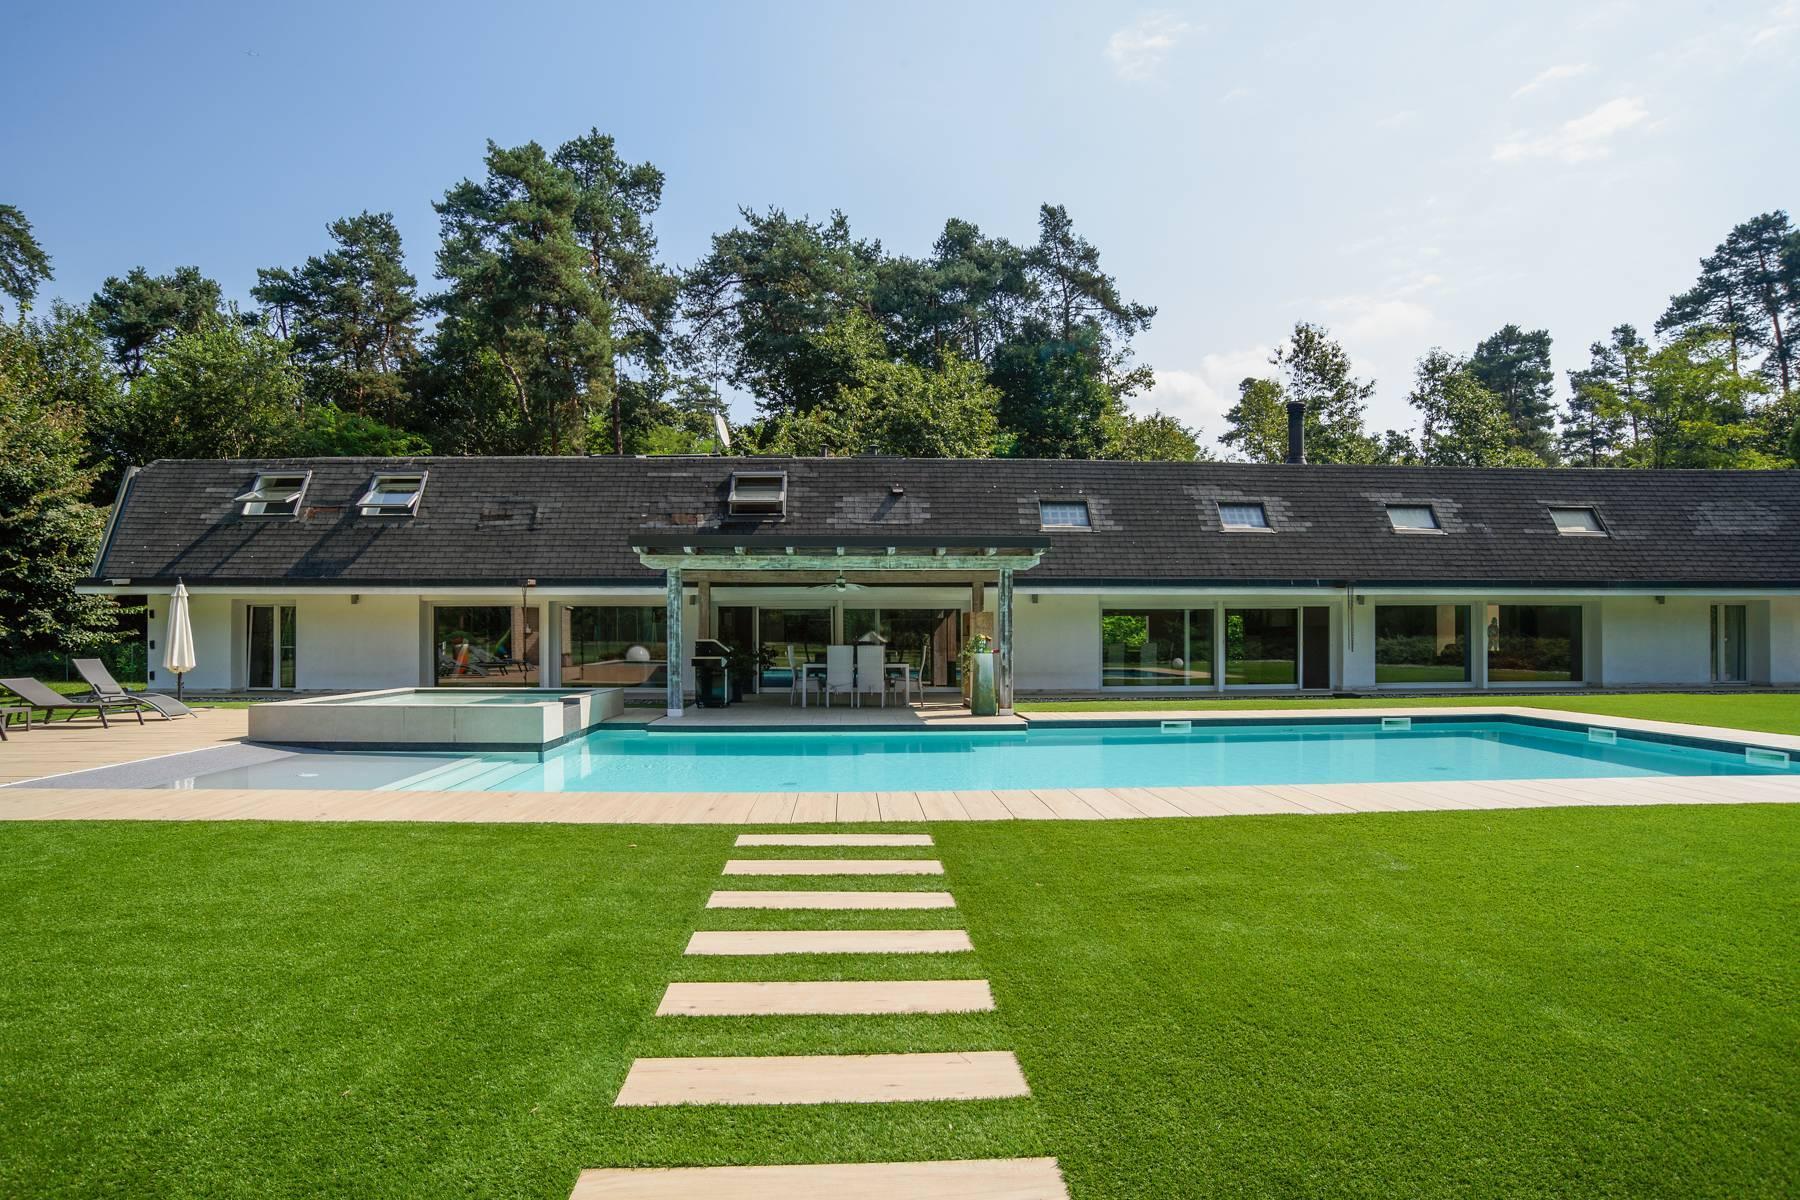 Charmante villa moderne nichée dans la nature - 29